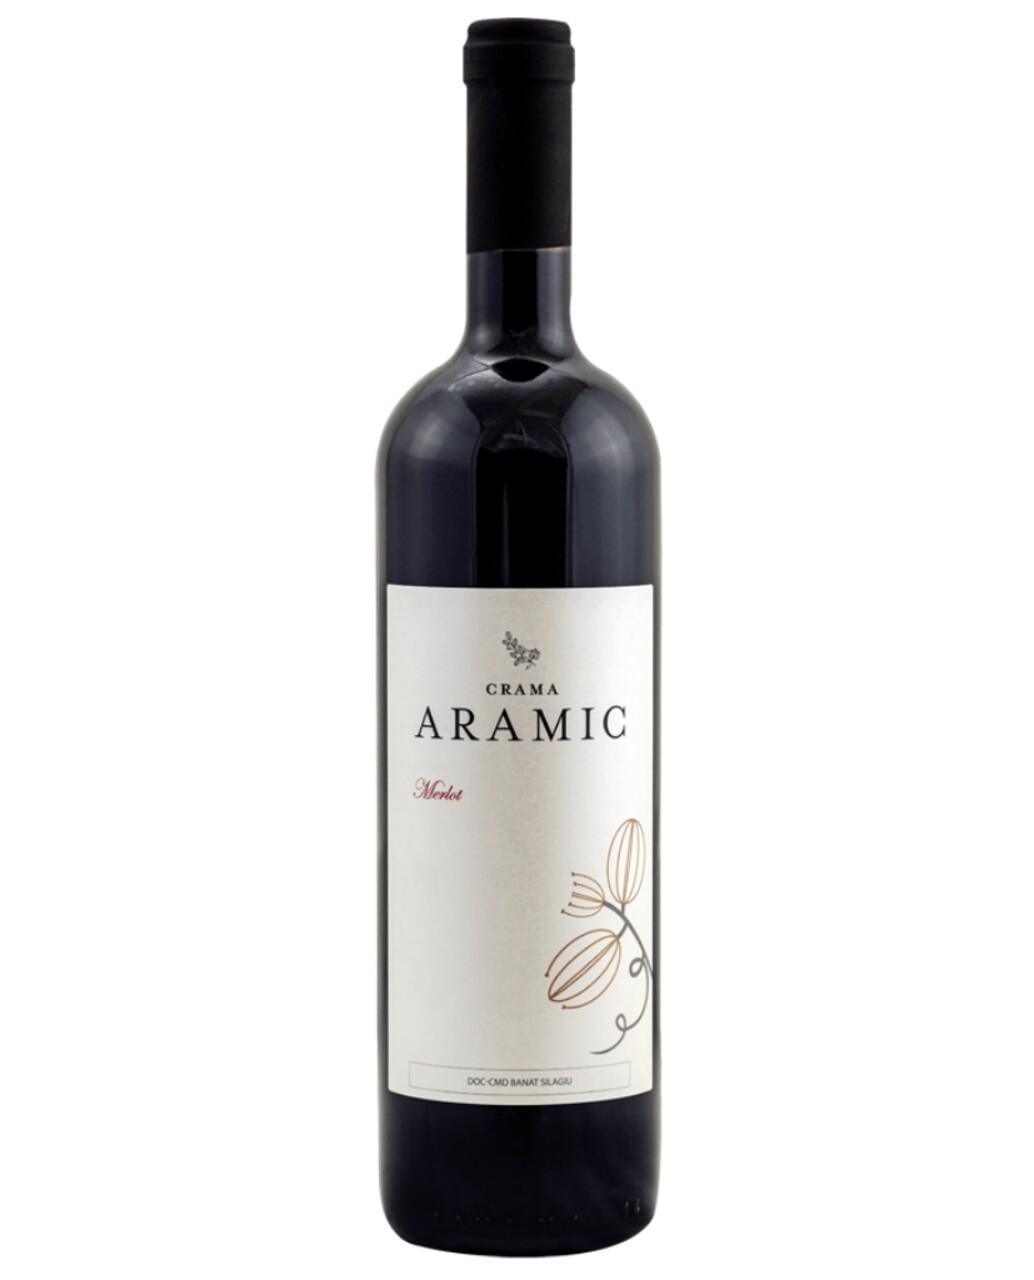 Aramic Merlot